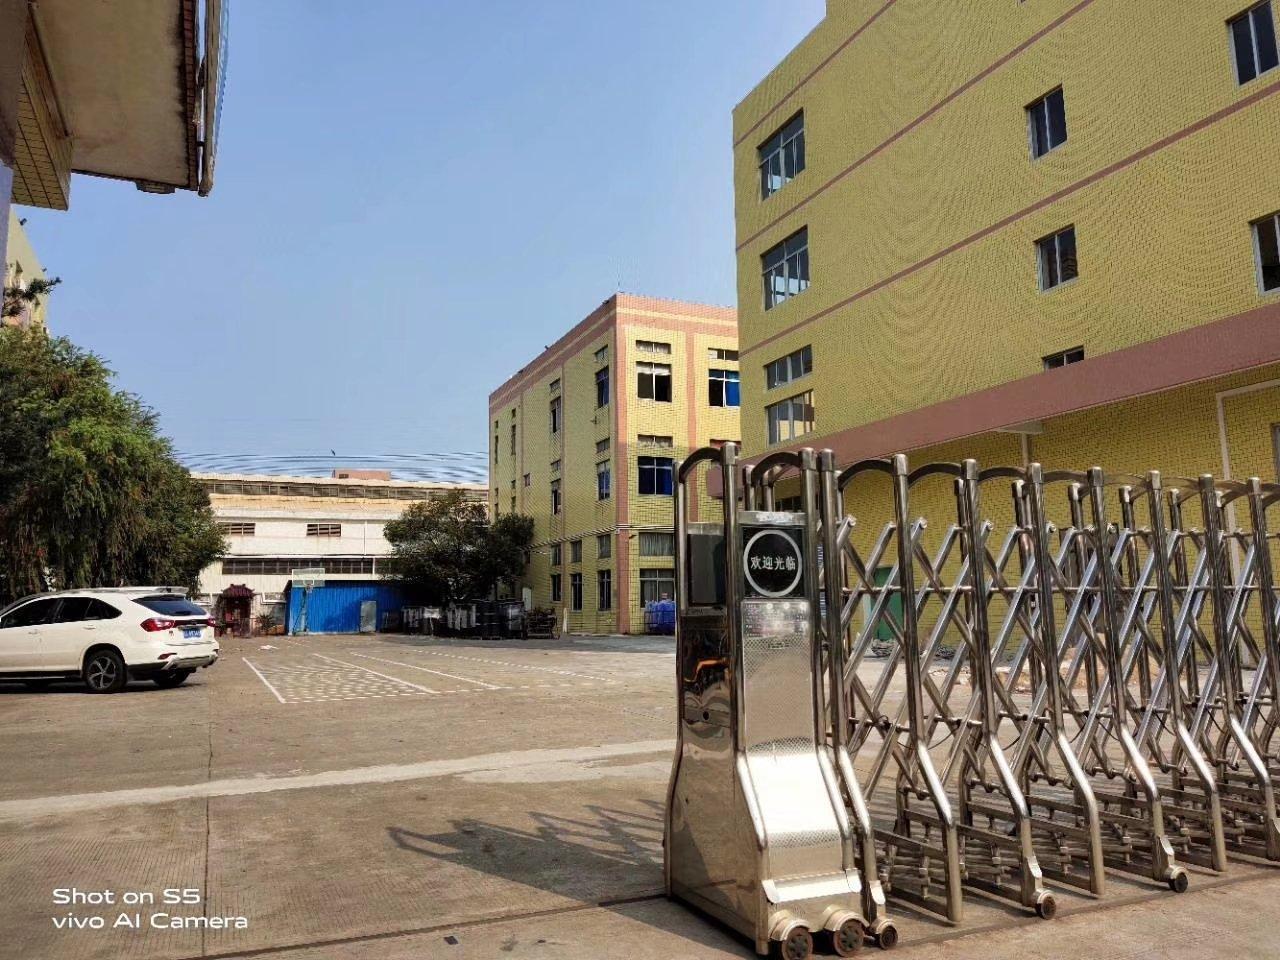 芦苞标准厂房一楼可做注塑模具等行业的厂房,1380平,高米数